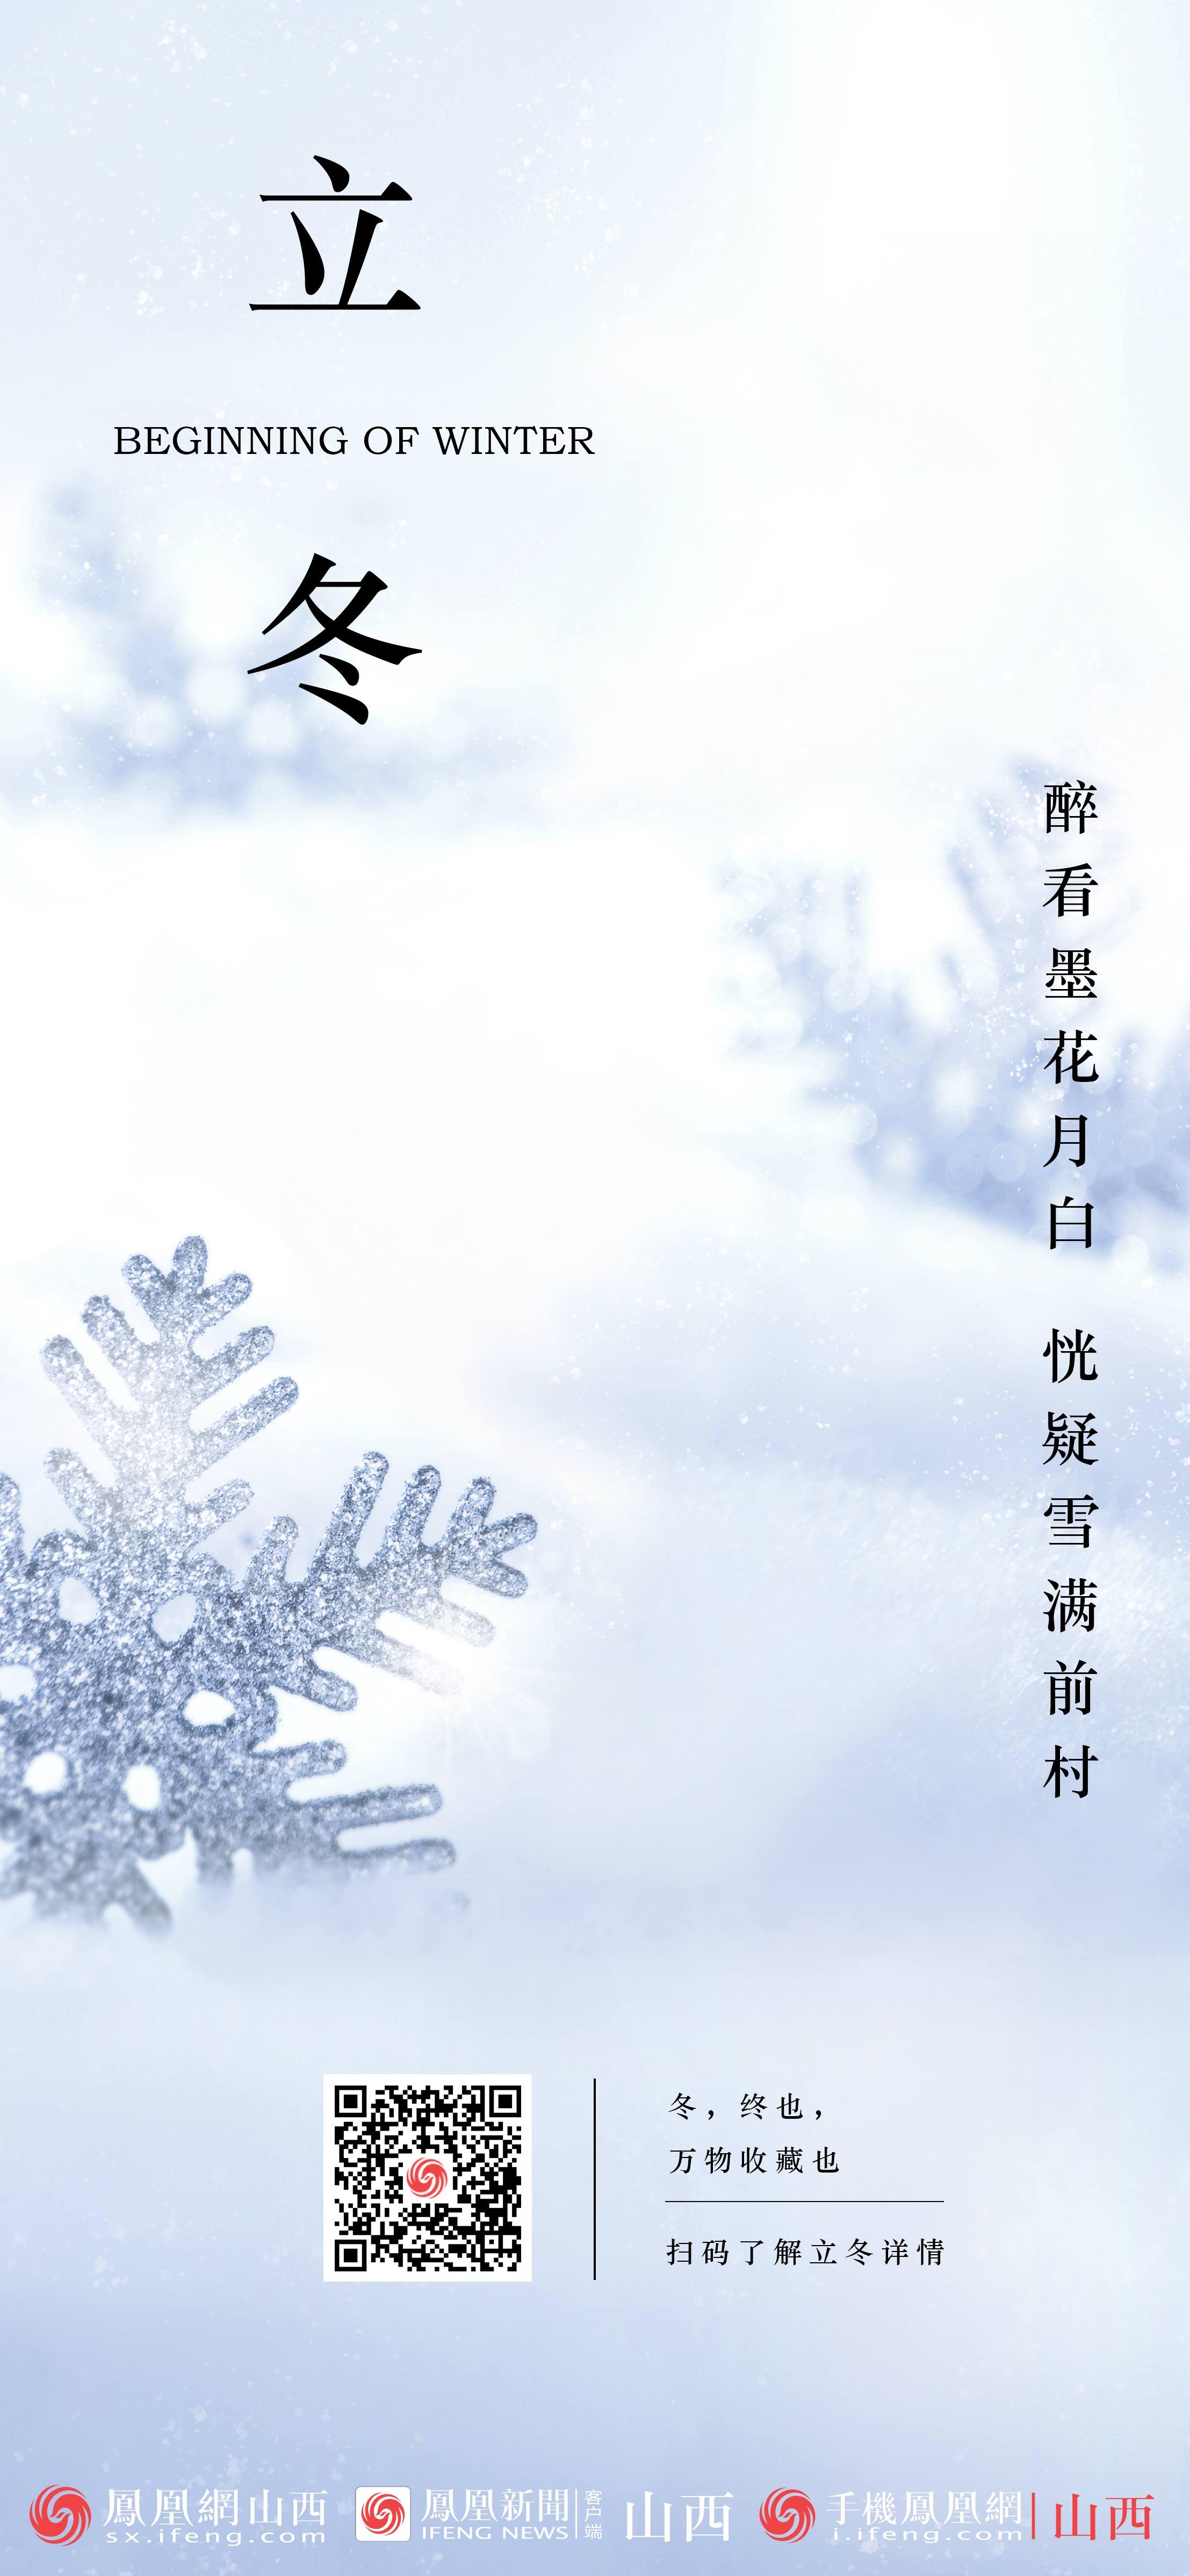 知晋,捕捉身边的节气(三)